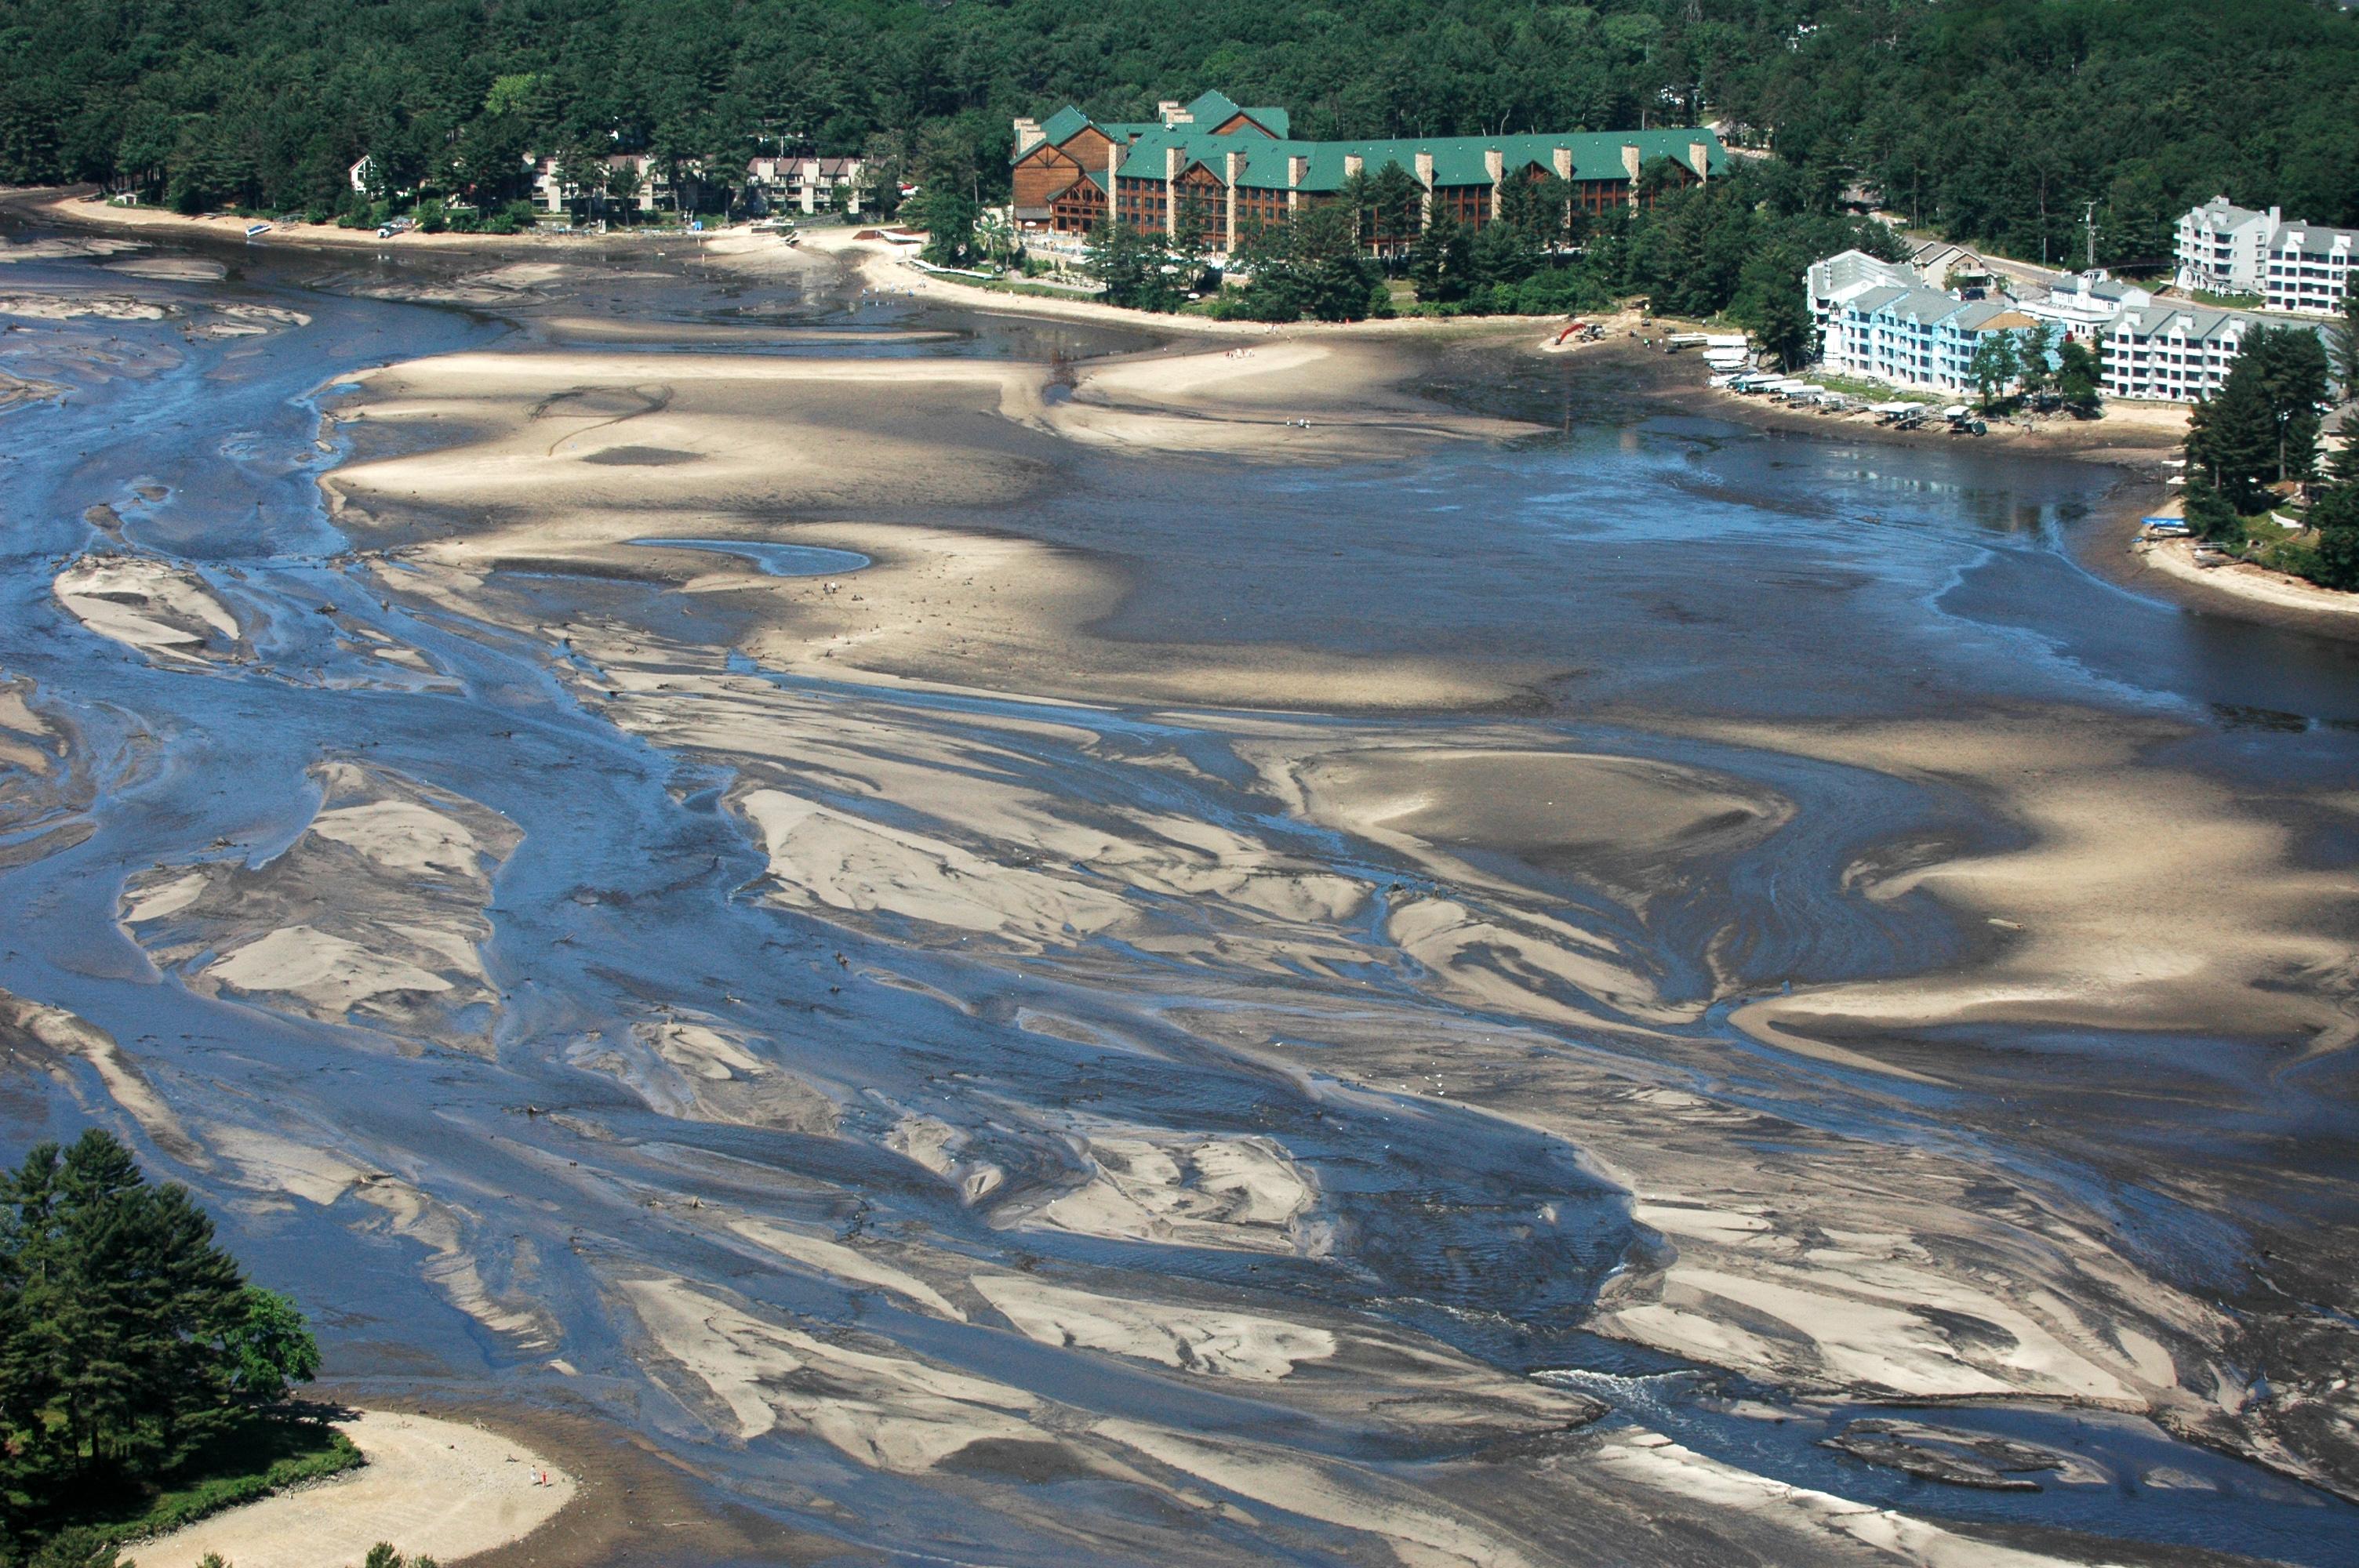 Lake Delton (WI) United States  city photos : Lake Delton drained FEMA aerial image Wikimedia Commons